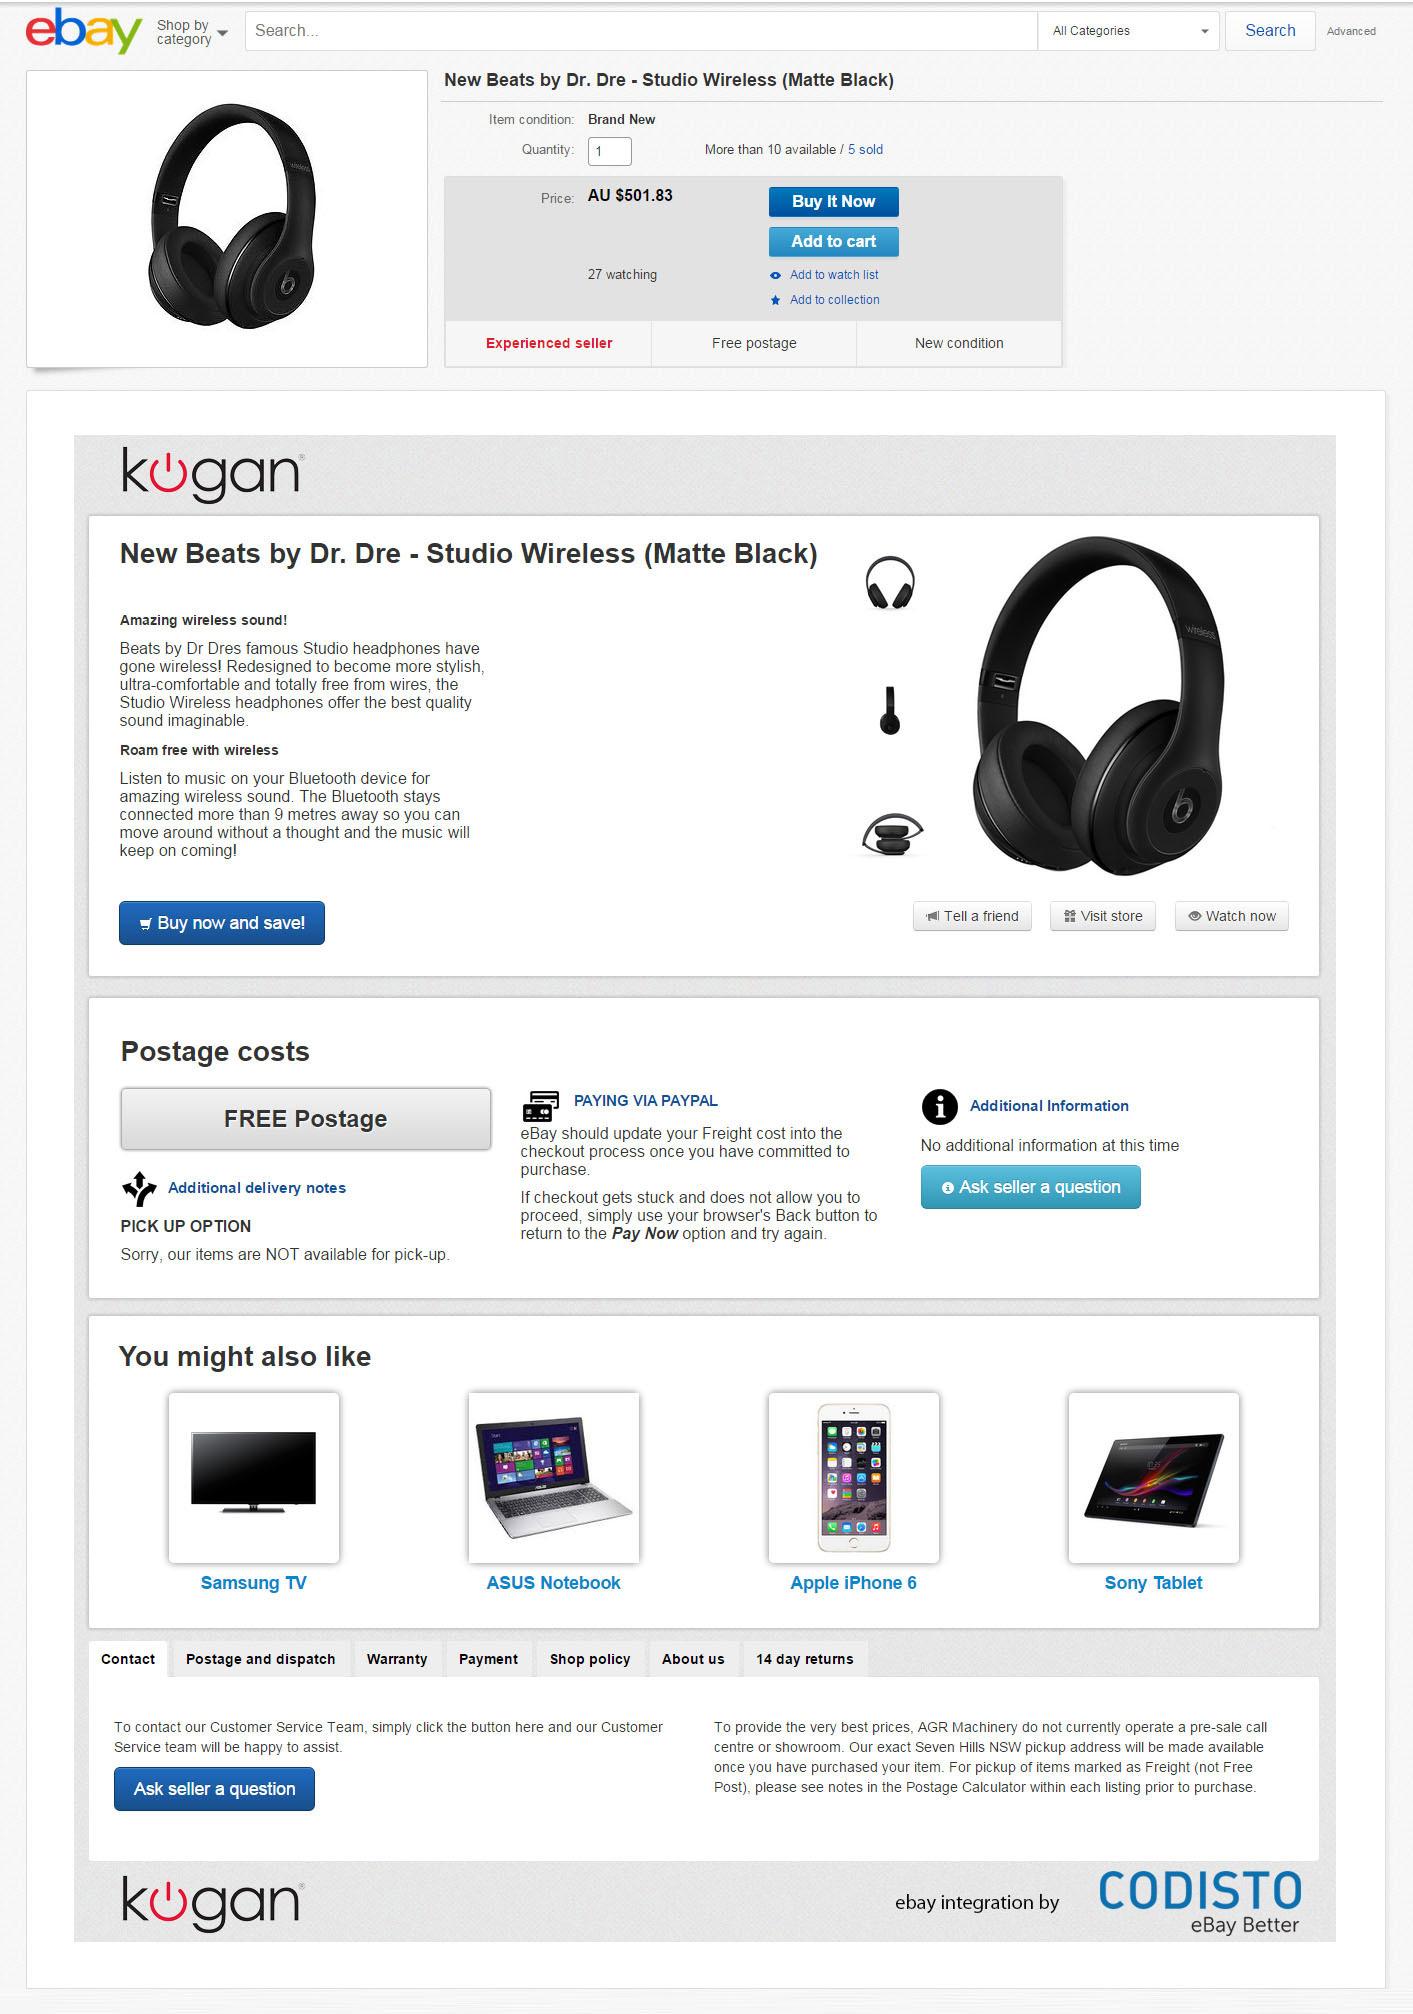 Desktop app ebay download